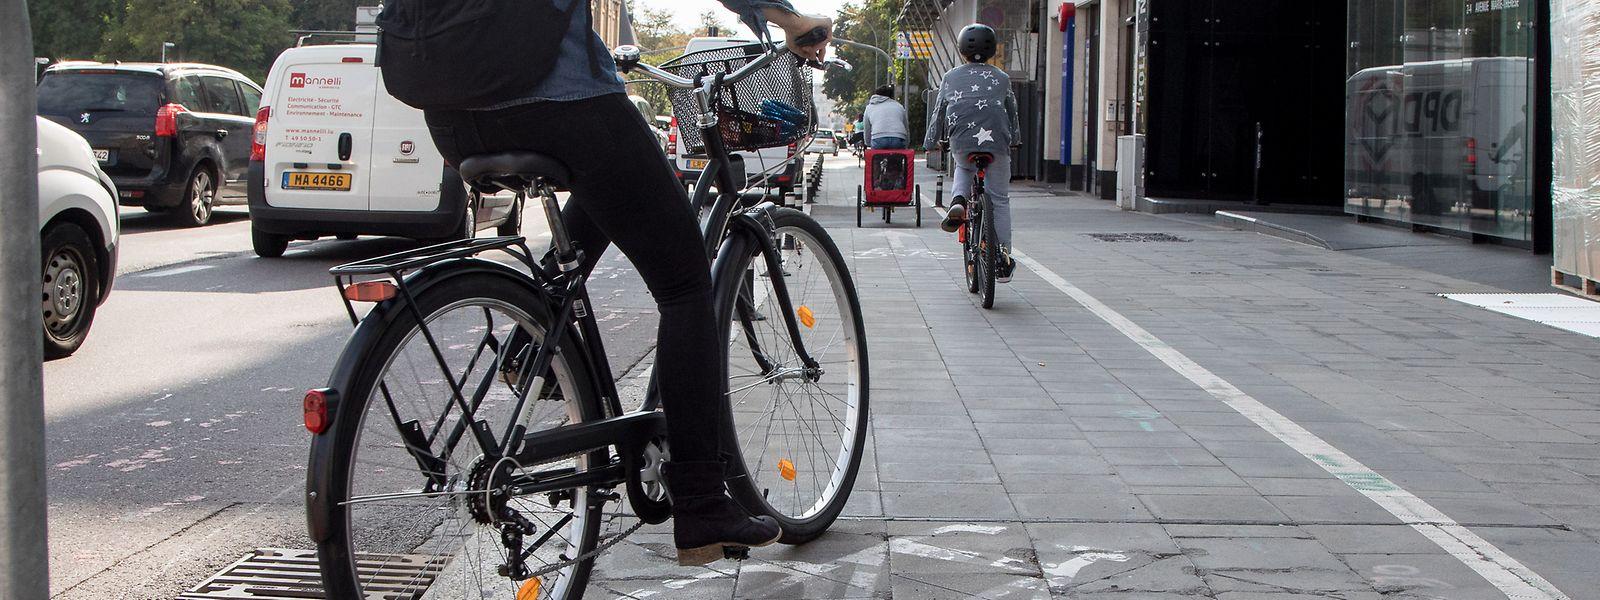 A Bruxelles, Paris ou encore Milan, le virus a permis aux municipalités de donner un coup de pédale à la mobilité douce. Pas encore à Luxembourg-Ville.